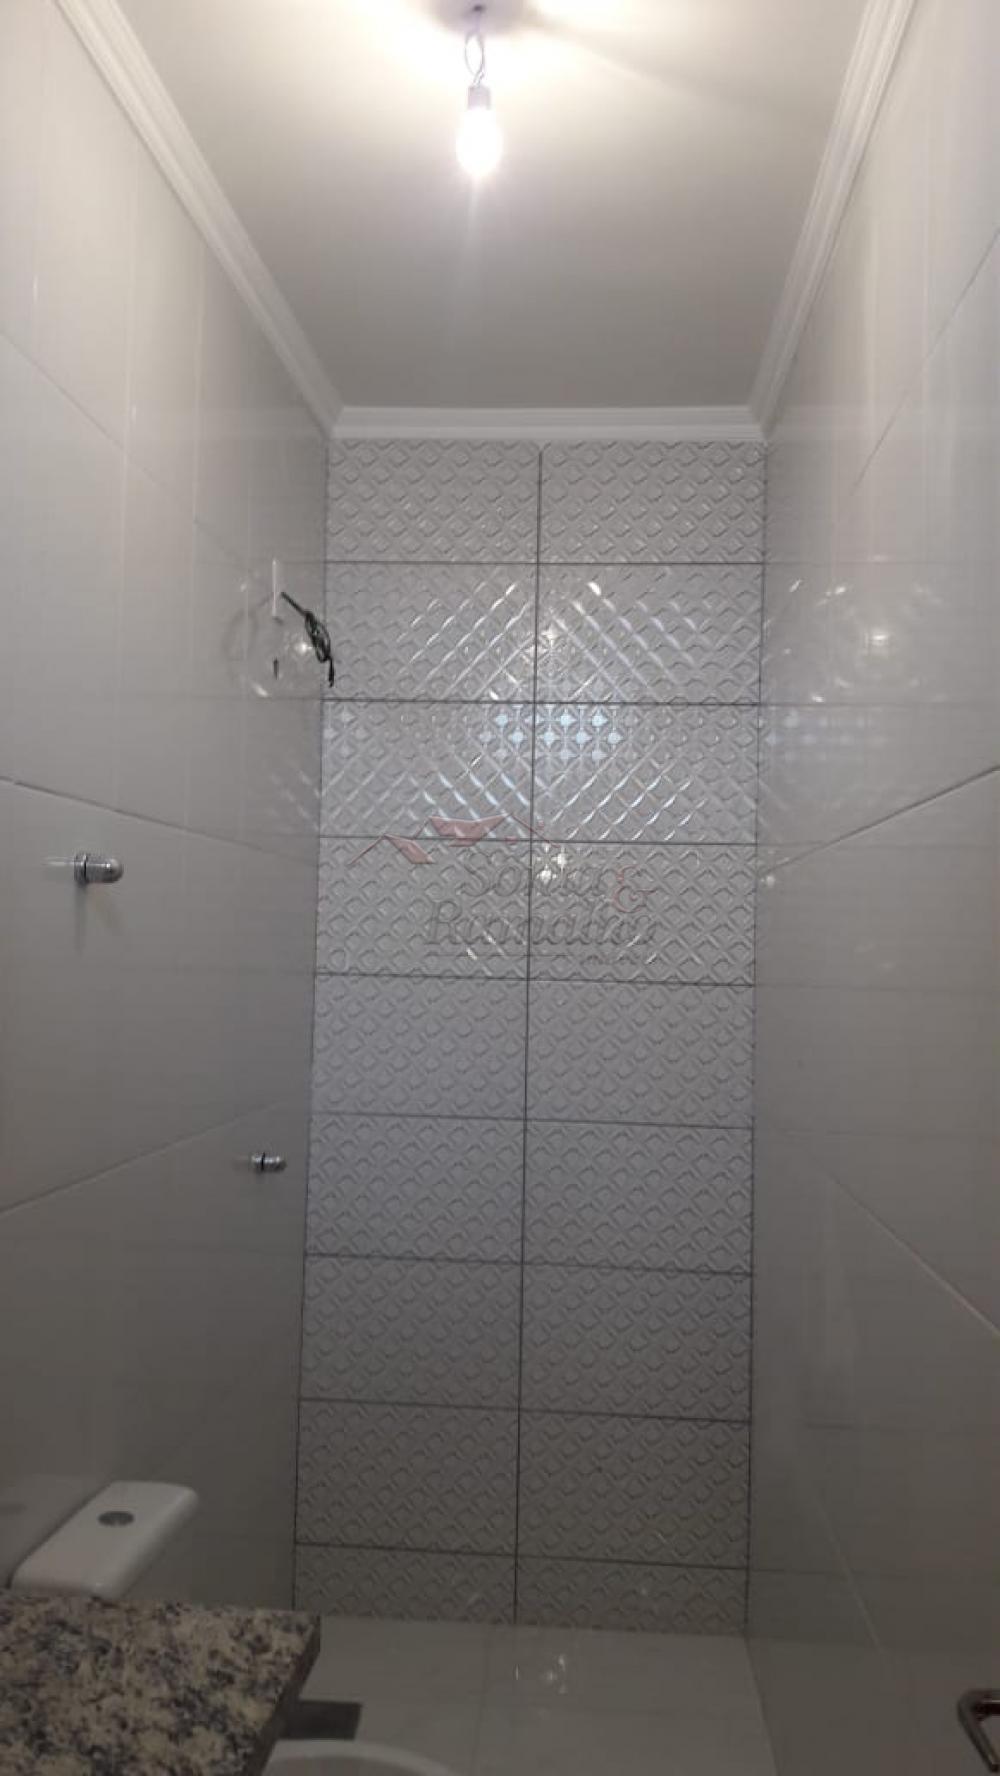 Comprar Casas / Padrão em Ribeirão Preto apenas R$ 290.000,00 - Foto 16